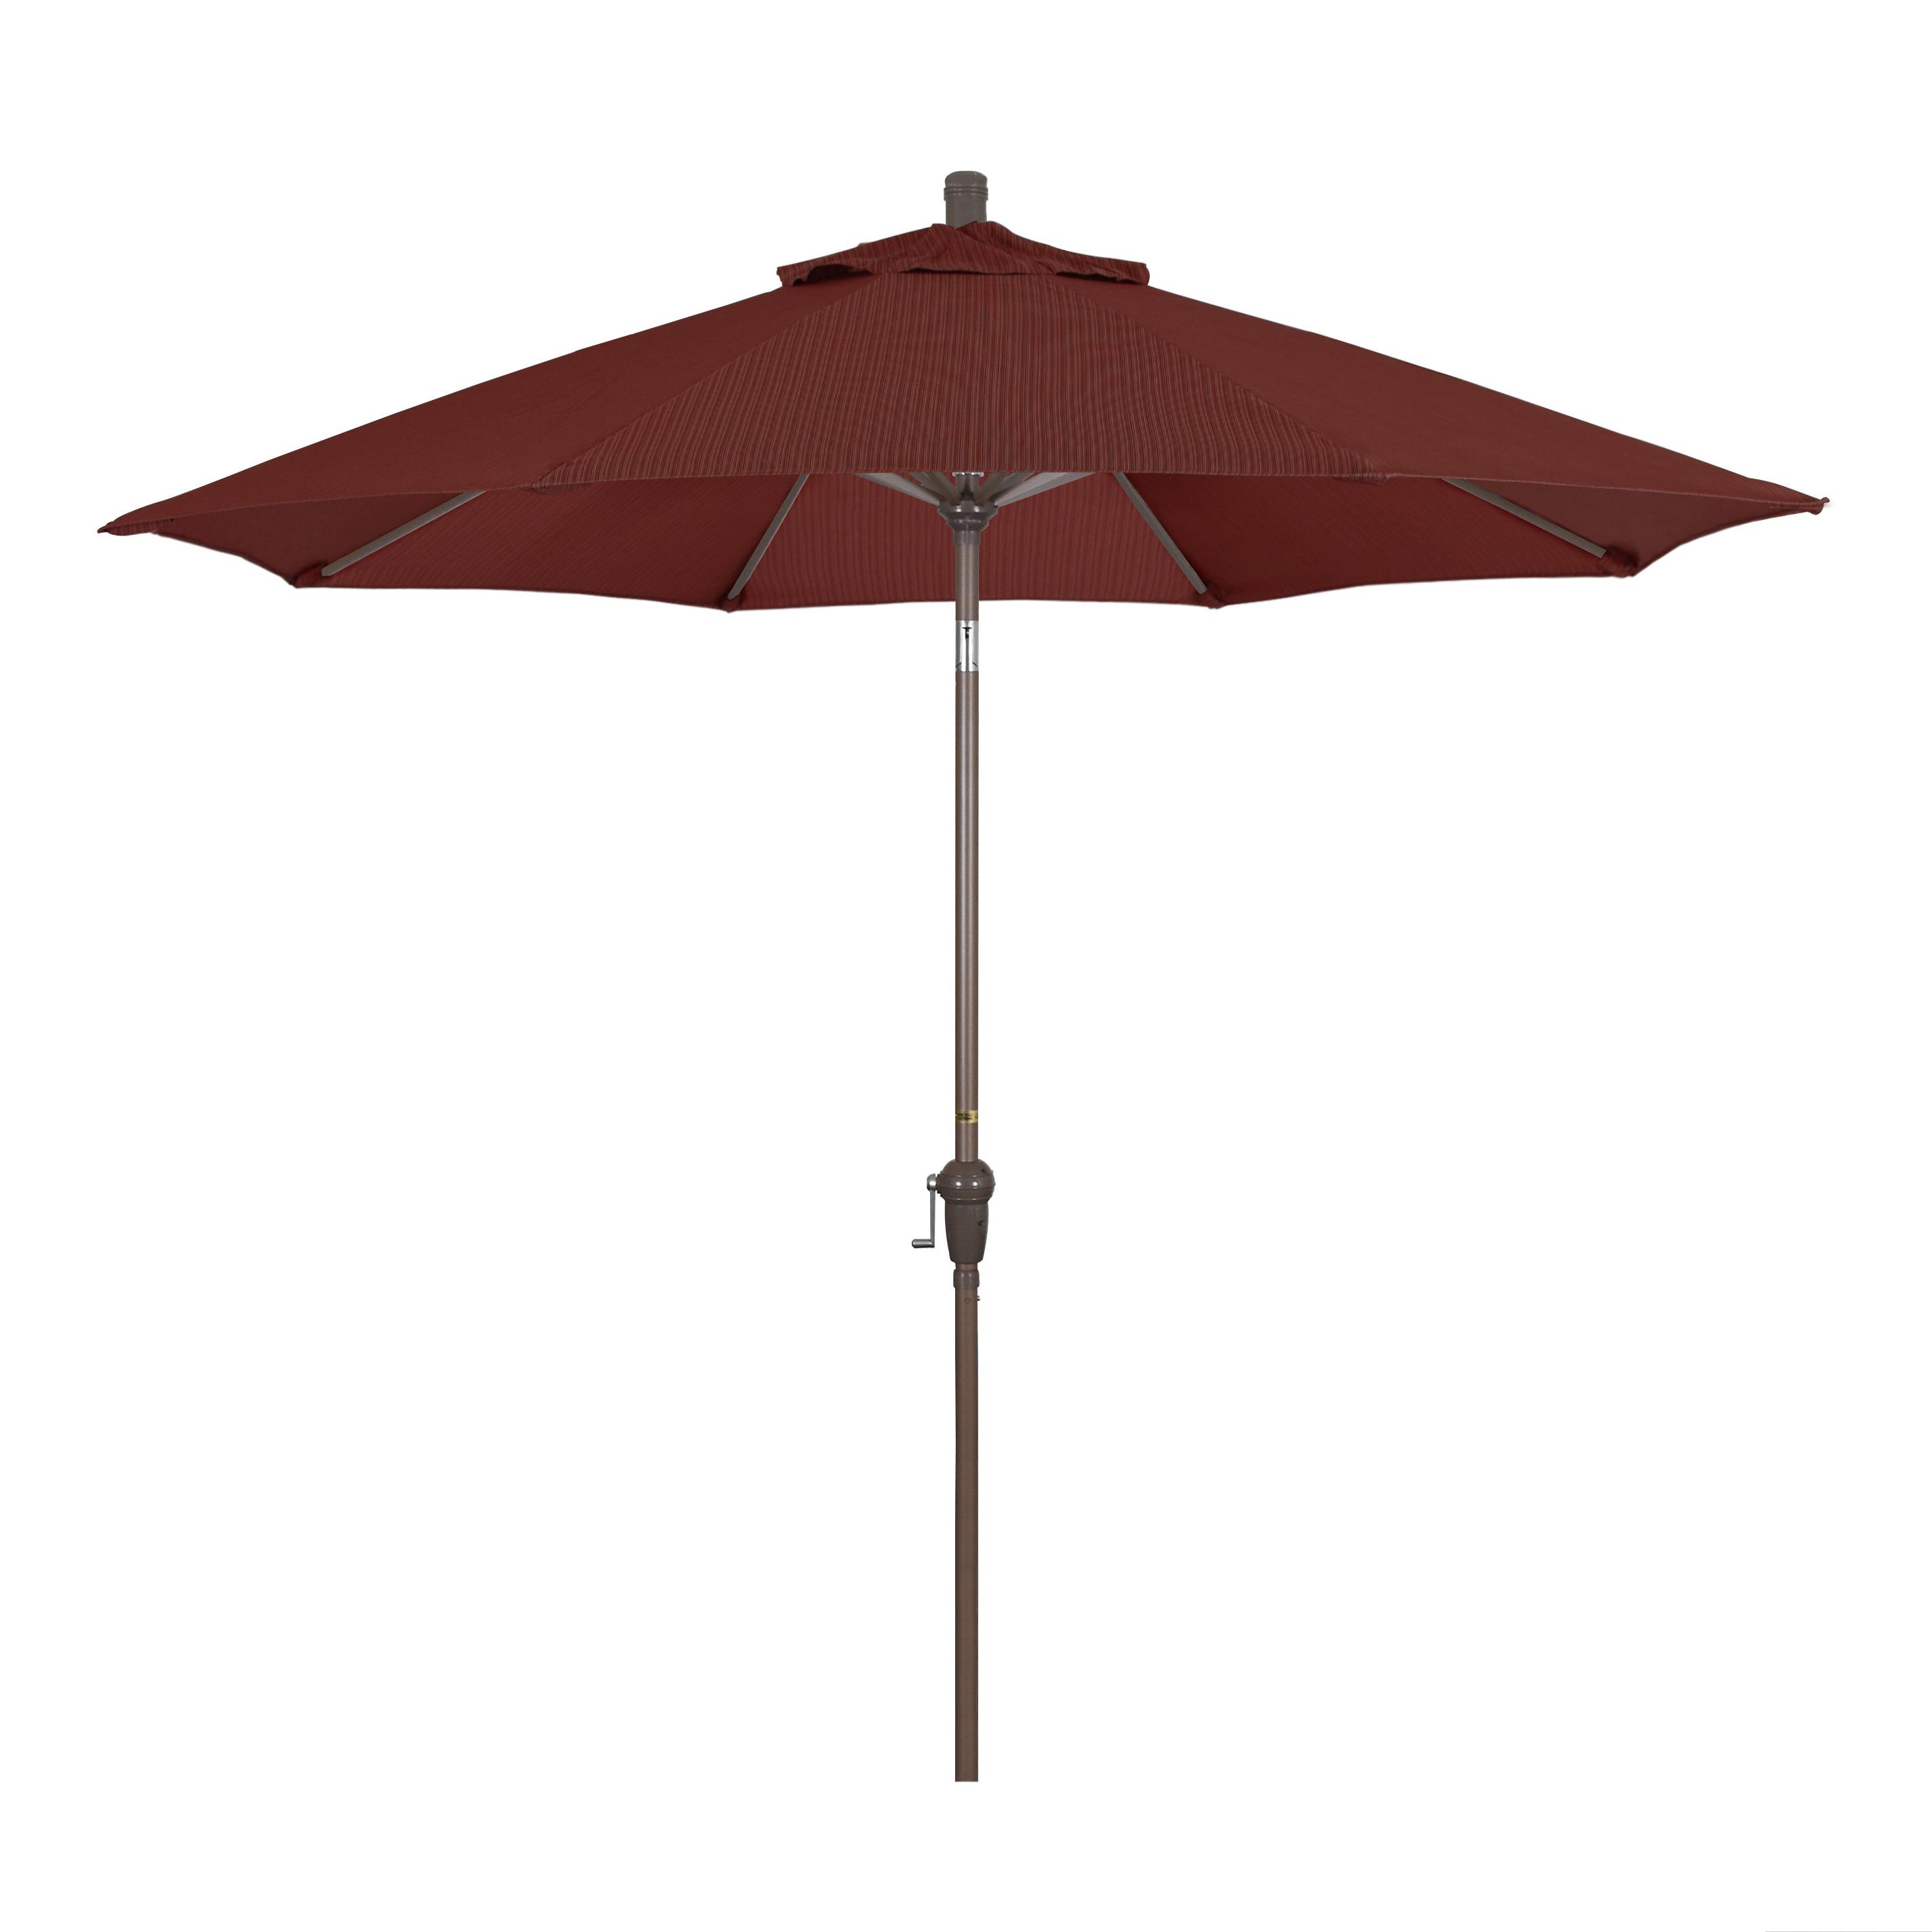 Leachville Market Umbrellas Inside Well Liked Mullaney 9' Market Umbrella (Gallery 7 of 20)